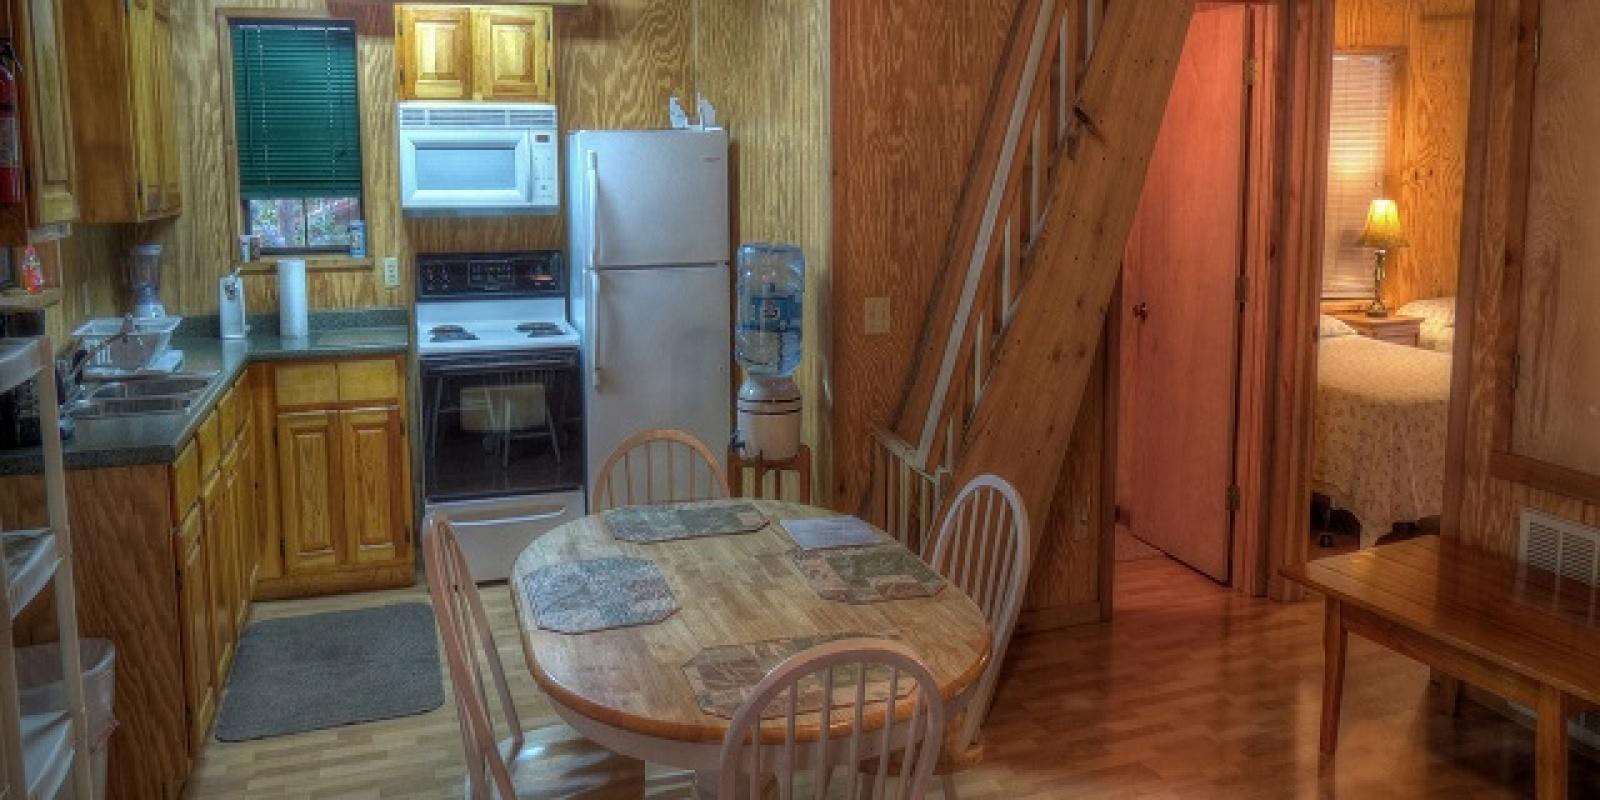 N US Highway 83,Concan,78838,5 Bedrooms Bedrooms,4 BathroomsBathrooms,Water Access,N US Highway 83,1059